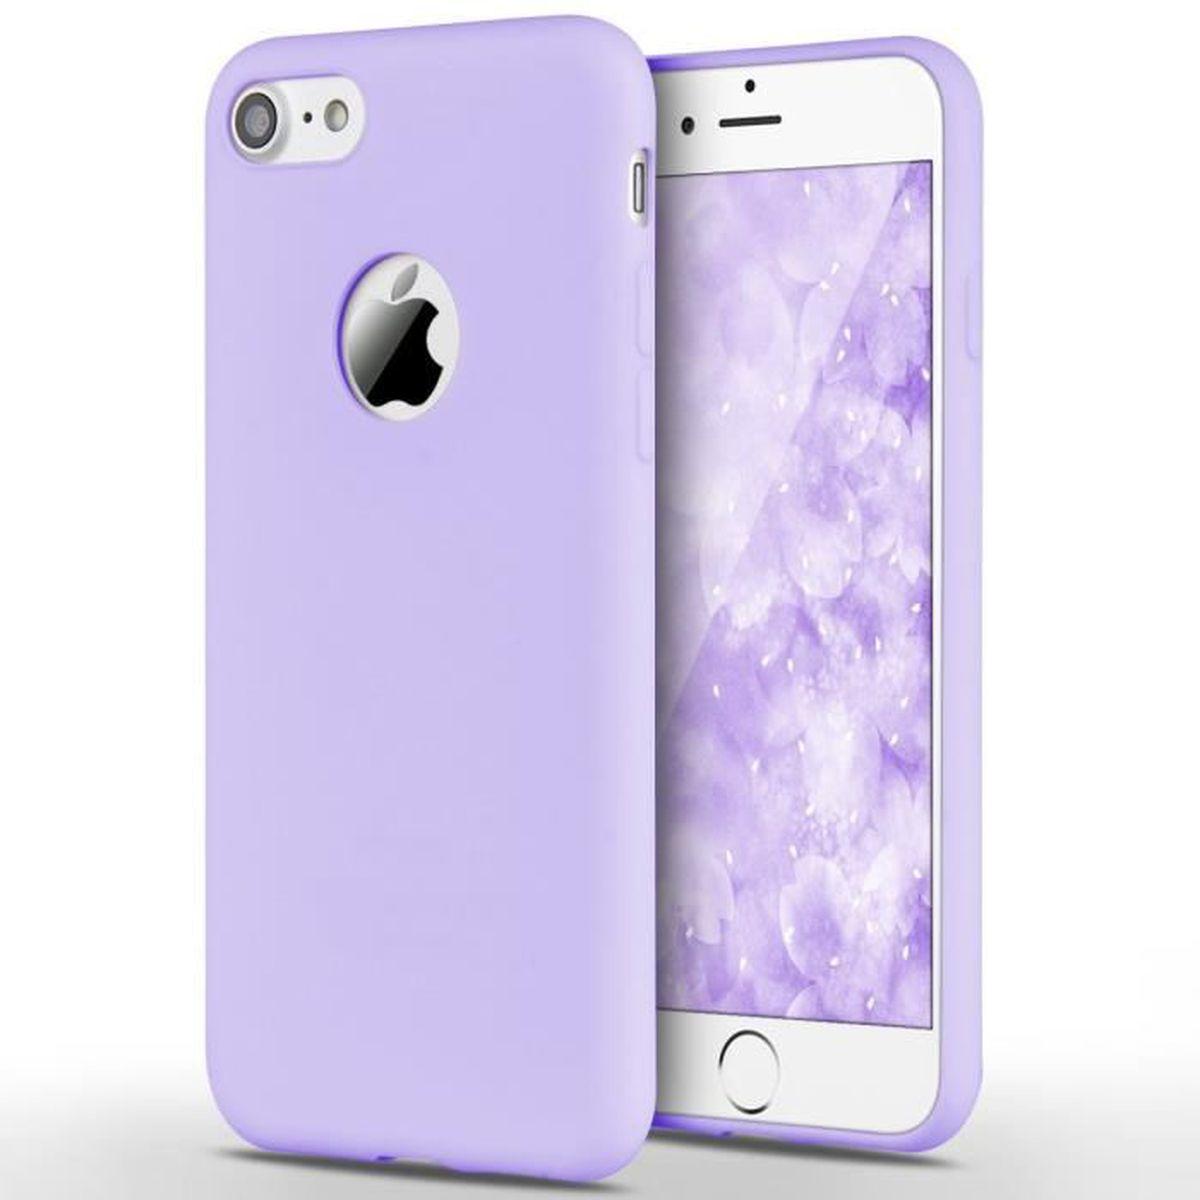 Coque/ Housse/ Etui en TPU pour Iphone 5/5S/SE - Couleurs pastel ...